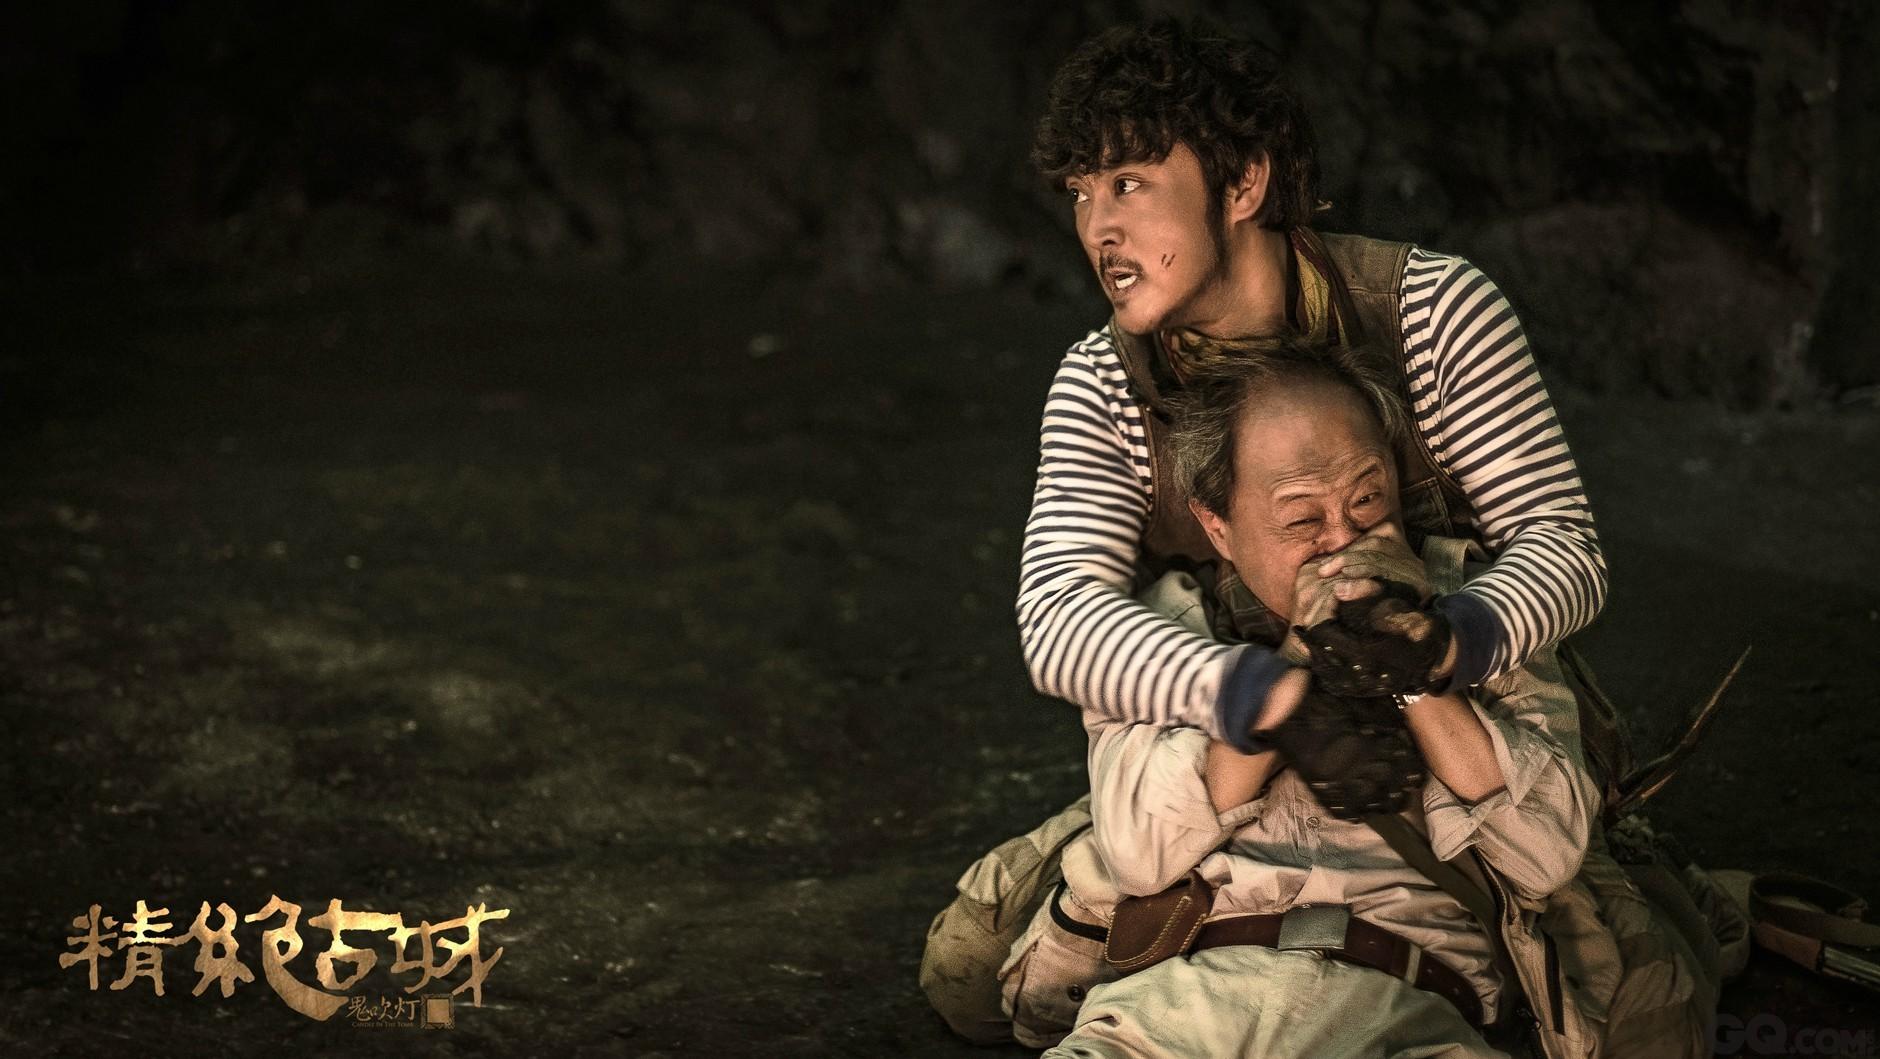 青年演员赵达饰演的王胖子则面露凶光,从脸上的伤痕和胸前挟持的陈教授来看,团队似乎刚刚面临了一场不小的危机。